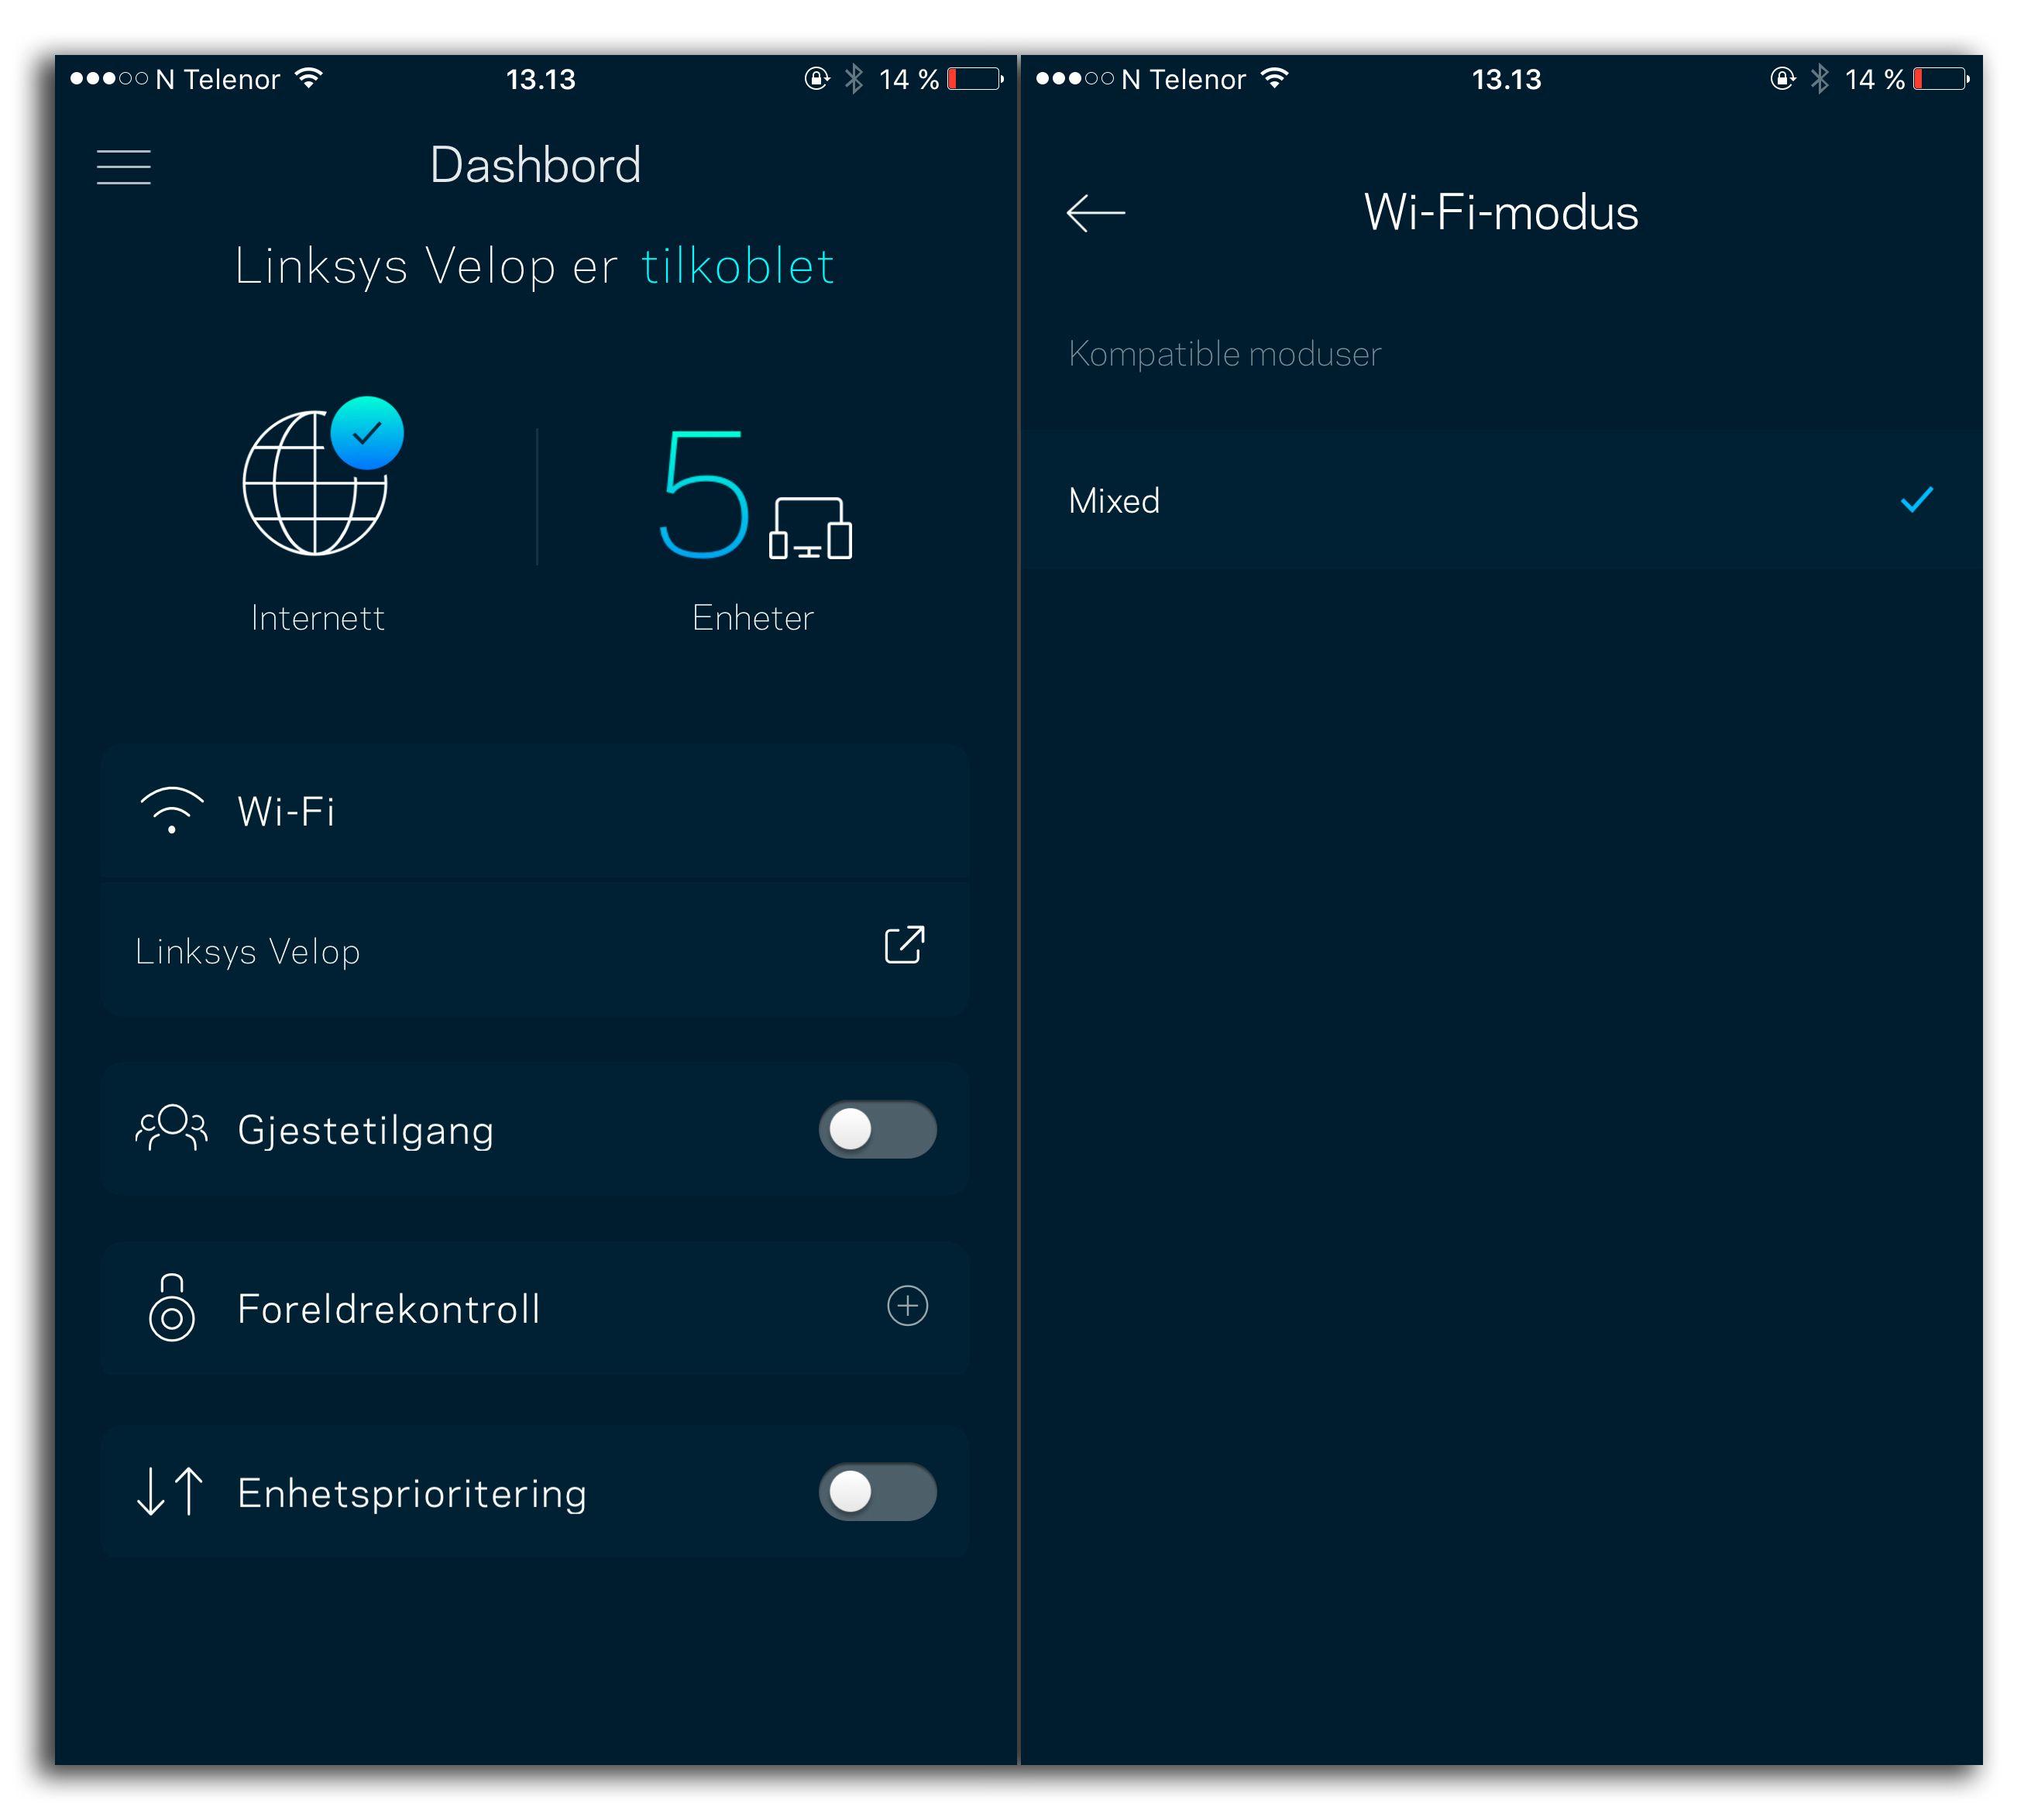 Linksys-appen har særdeles lite å by på av konfigurasjonsmuligheter til Velop. Vi får ikke engang velge hvilket bånd den skal sende på.